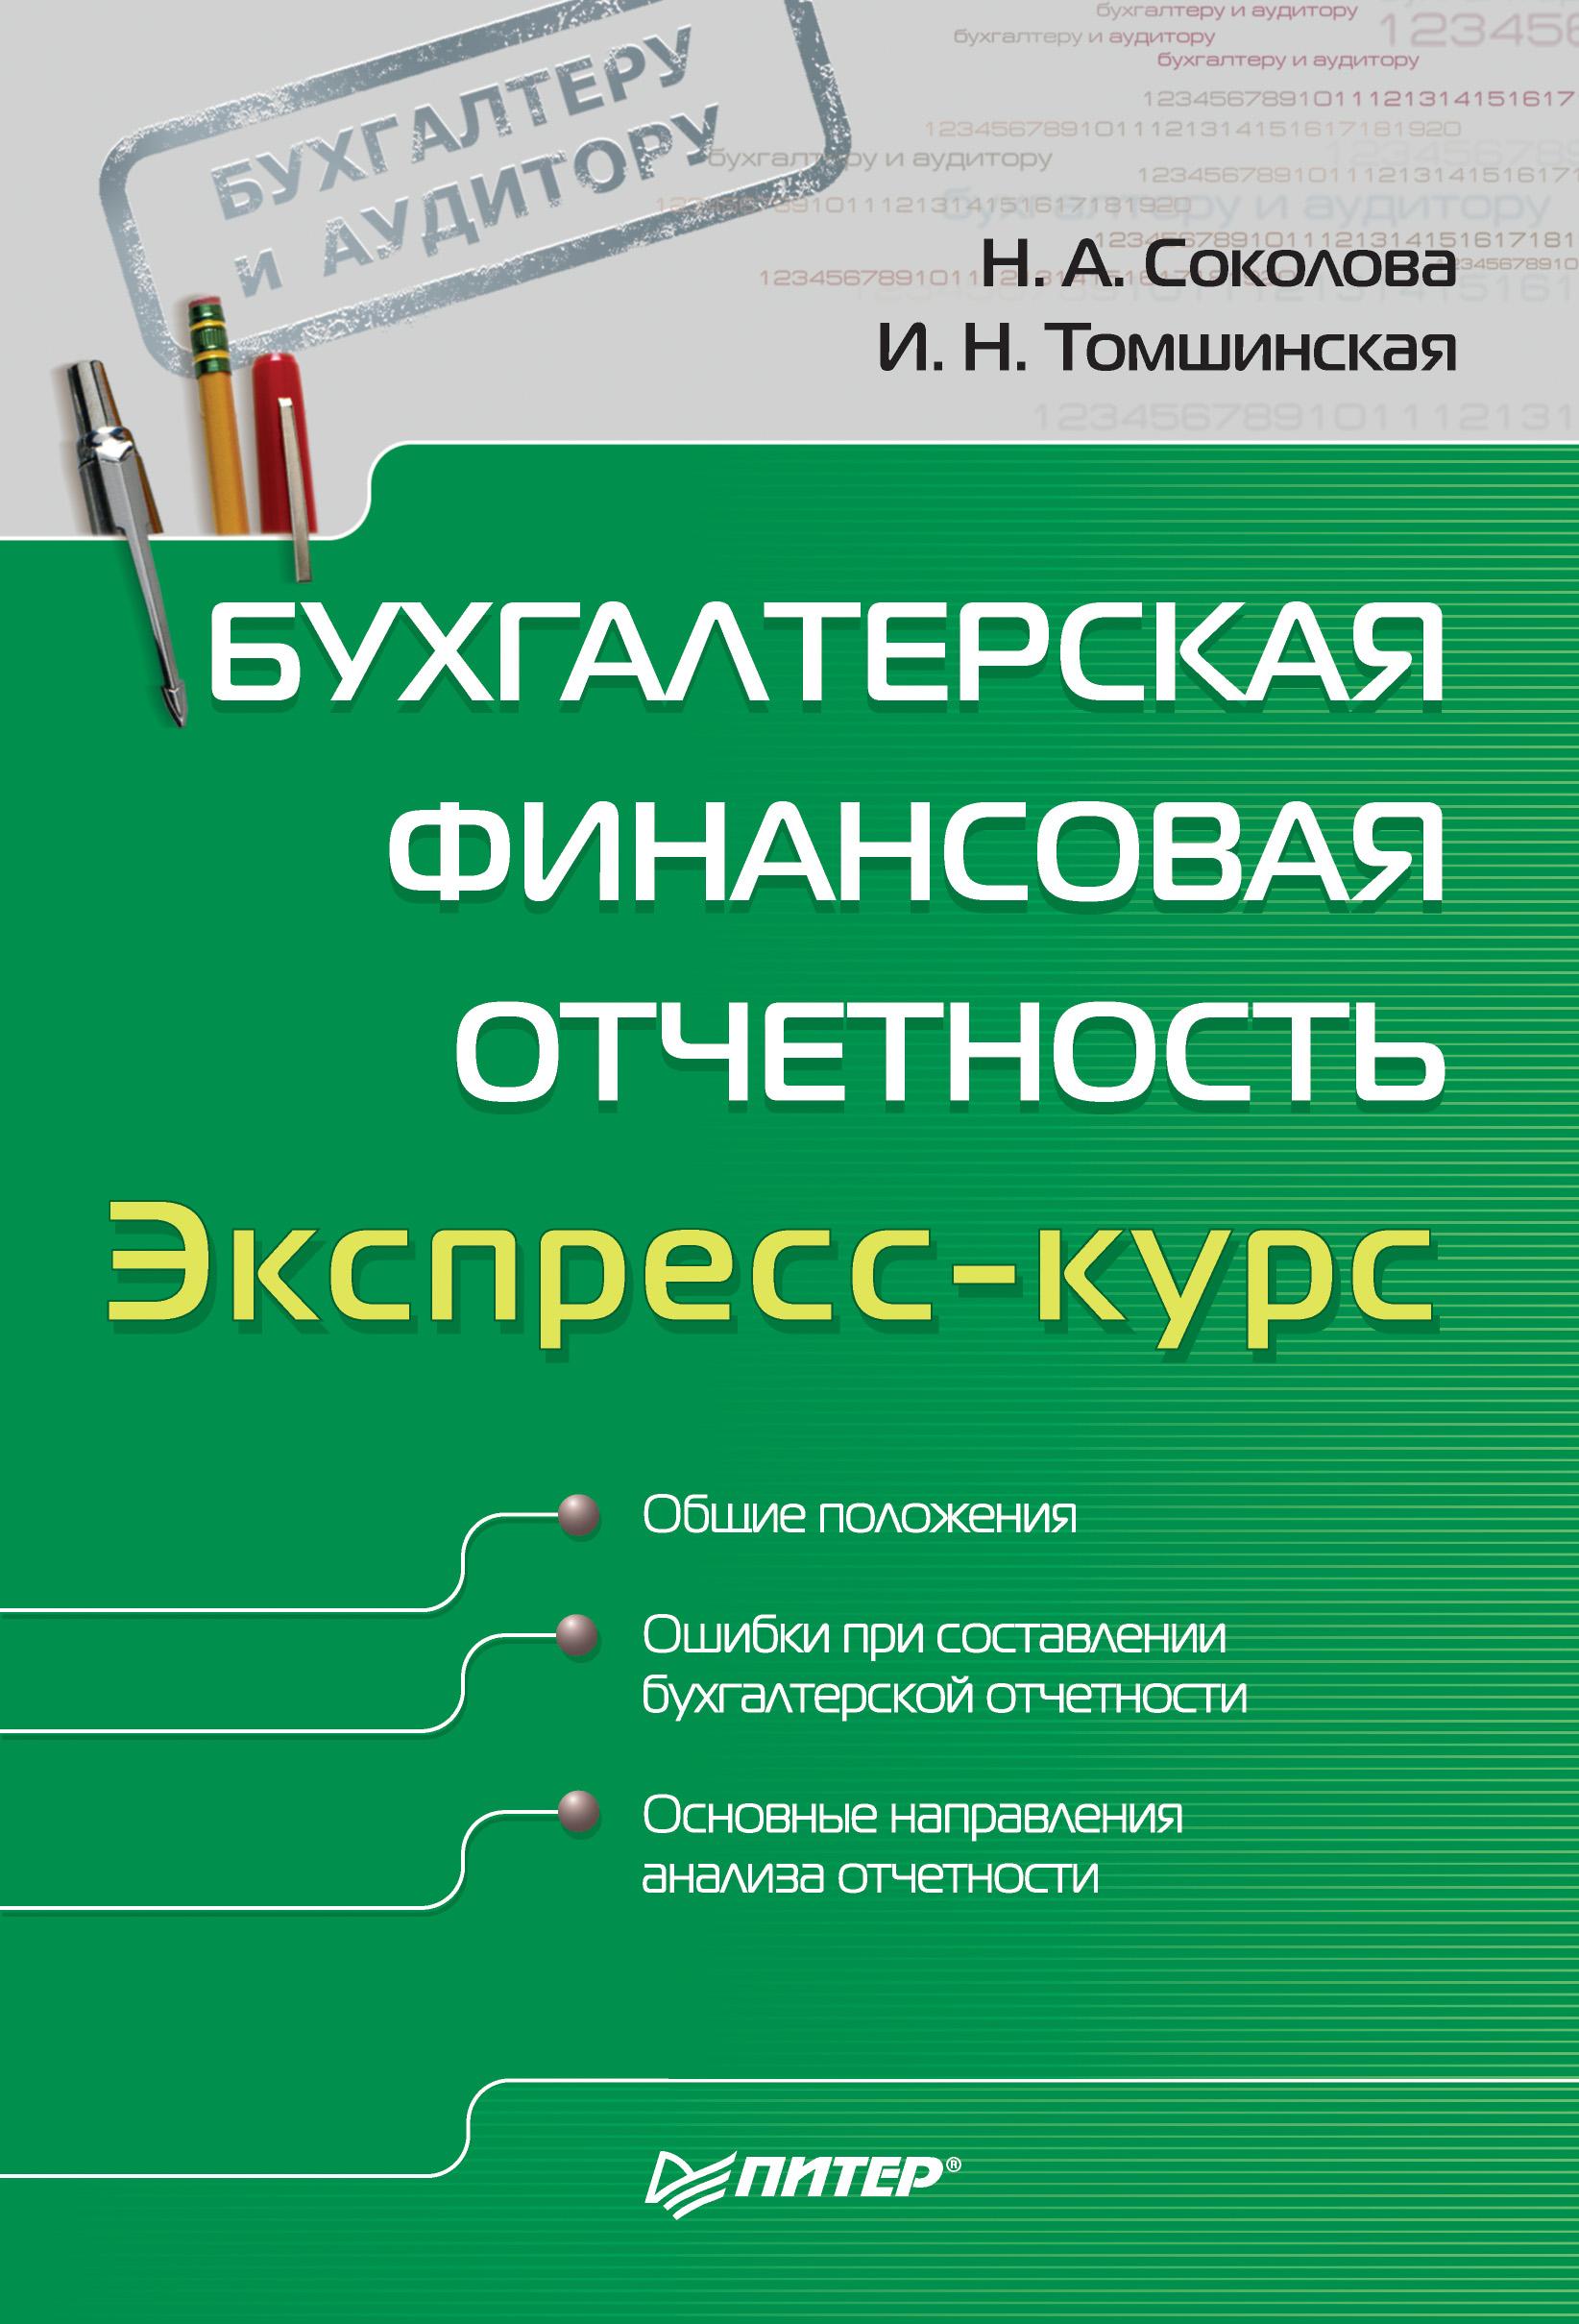 И. Н. Томшинская Бухгалтерская финансовая отчетность. Экспресс-курс и н томшинская бухгалтерская финансовая отчетность экспресс курс